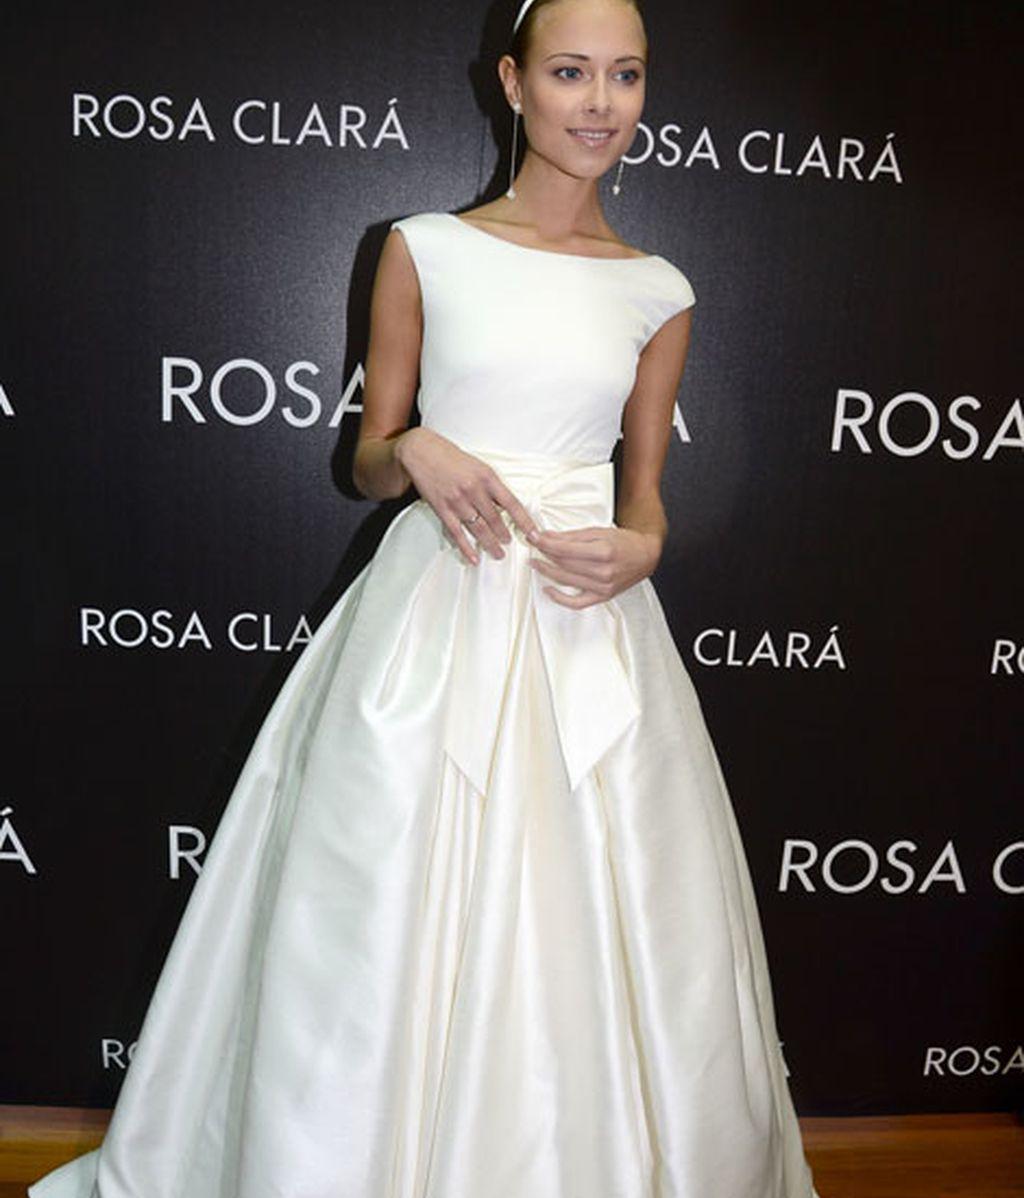 Ha posado encantada, vestida de blanco